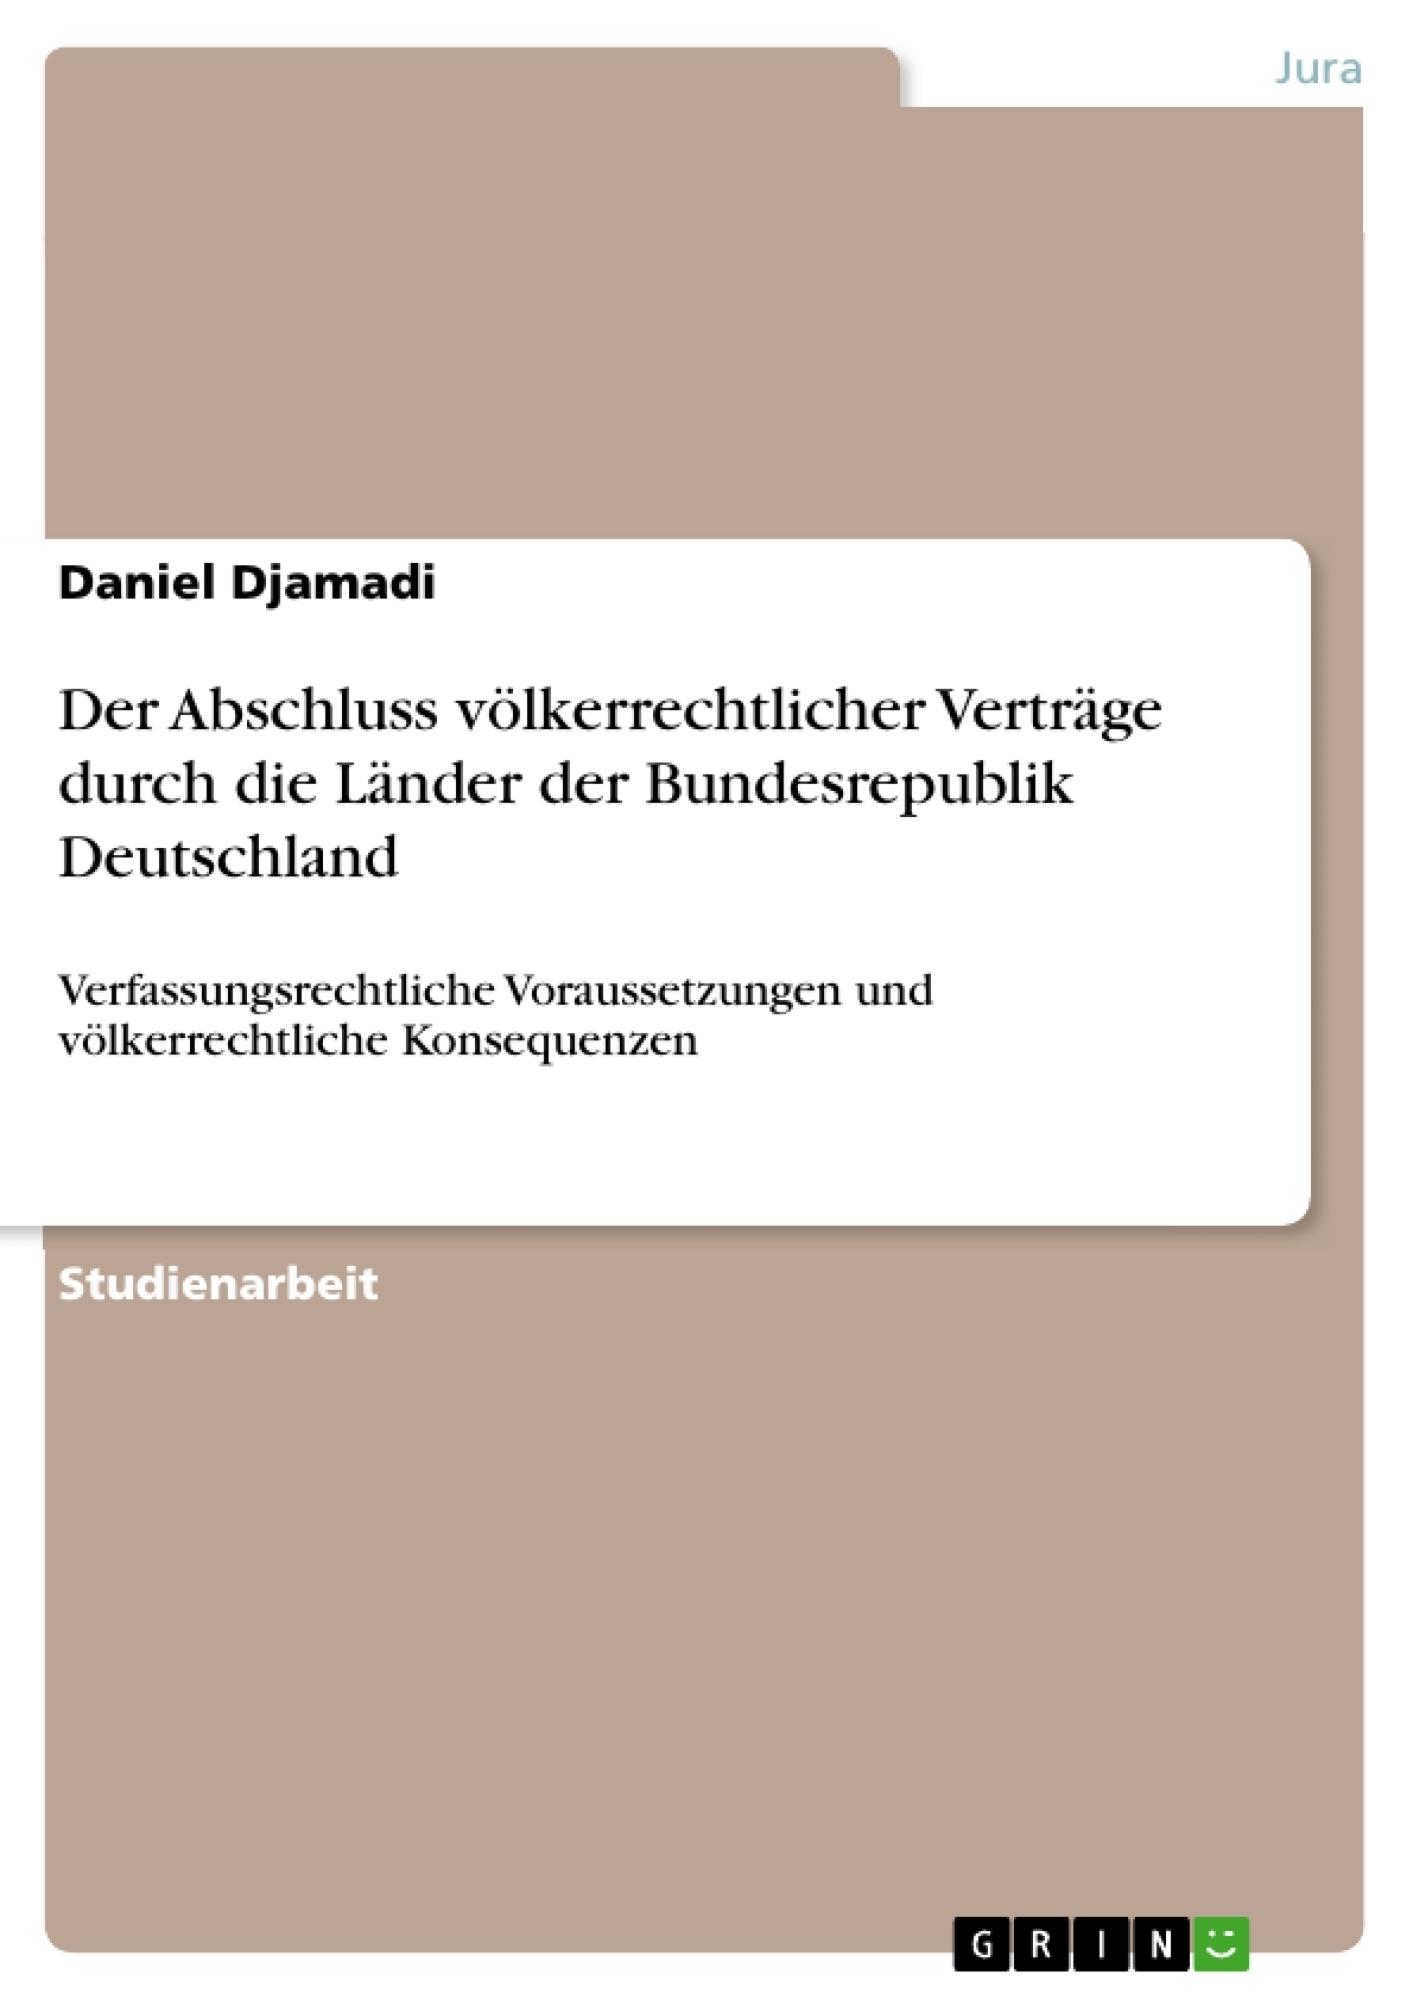 Titel: Der Abschluss völkerrechtlicher Verträge durch die Länder der Bundesrepublik Deutschland